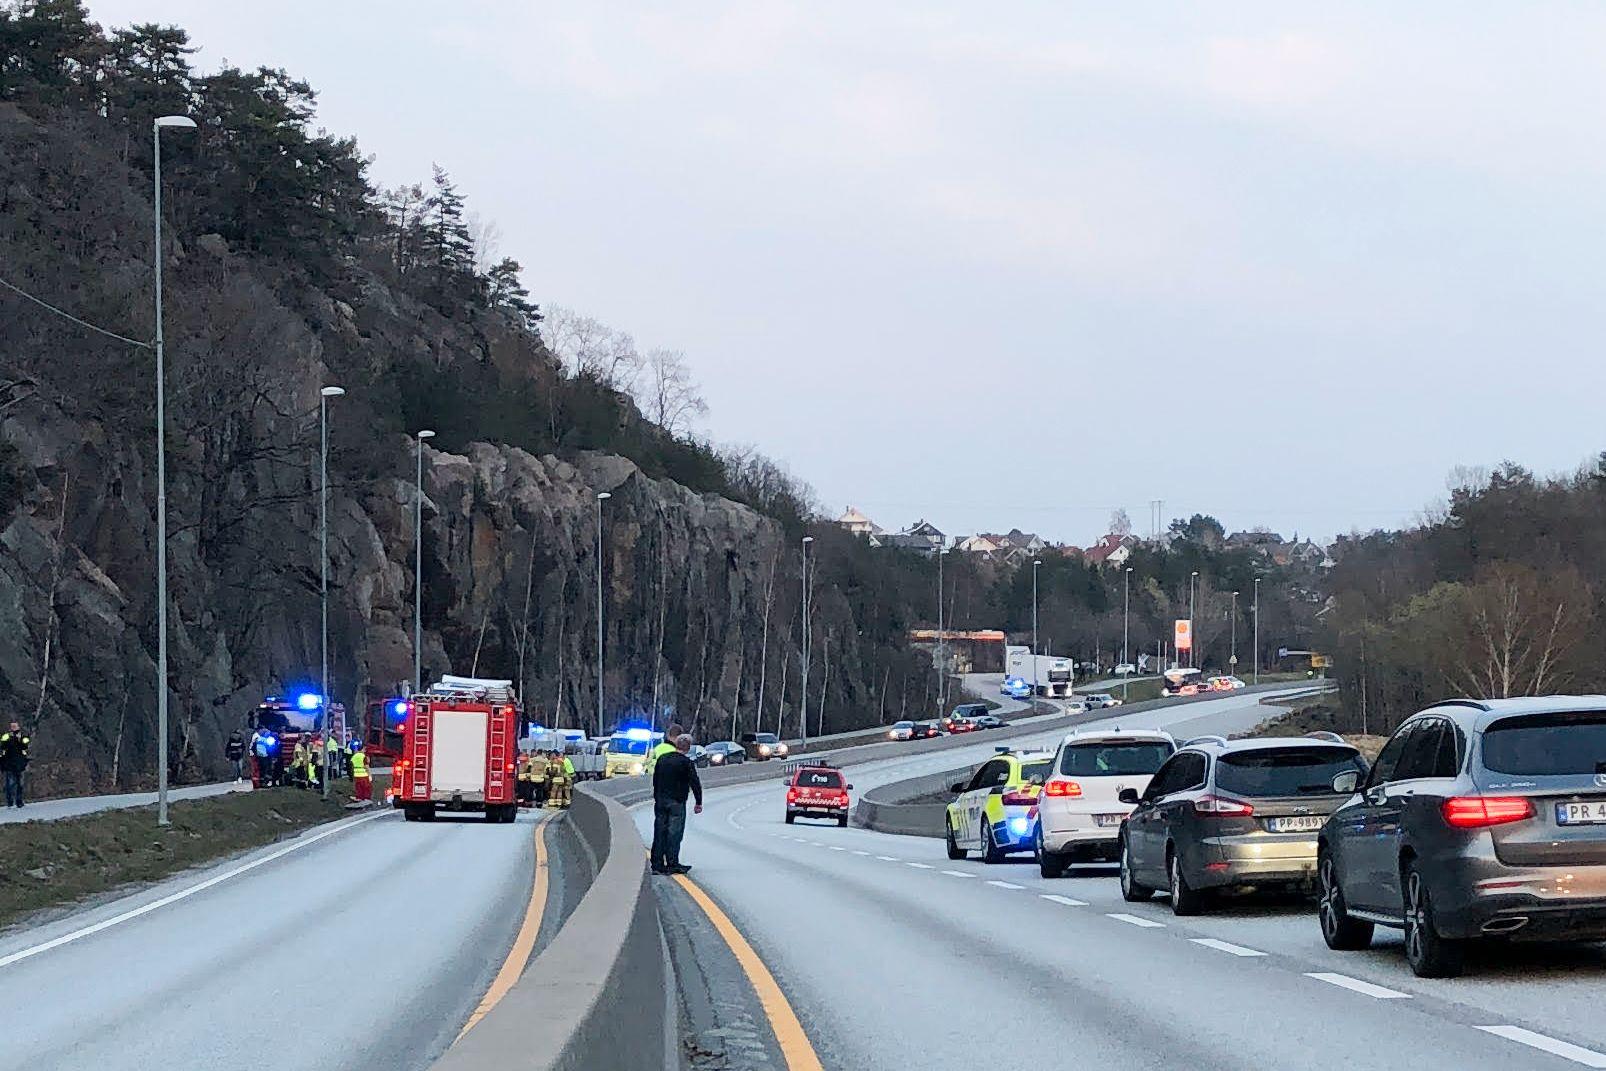 DØDSULYKKE: En person omkom i en frontkollisjon mellom en personbil og et vogntog på E39 ved Fidjane i Kristiansand torsdag kveld.